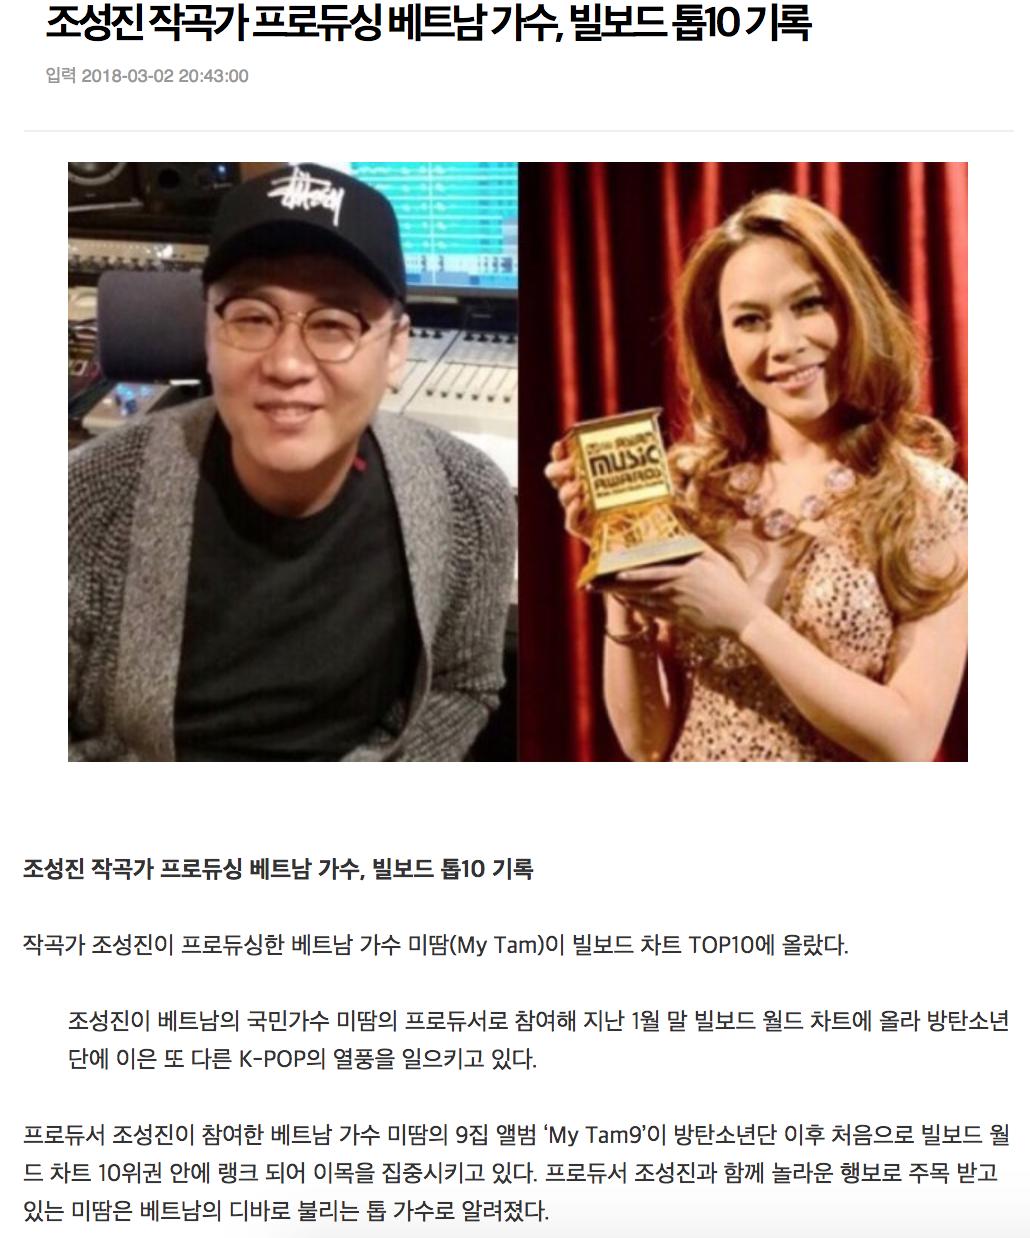 Báo Hàn đồng loạt đưa tin về album Tâm 9 lọt BXH Billboard, gọi Mỹ Tâm là Diva hàng đầu Việt Nam - Ảnh 1.